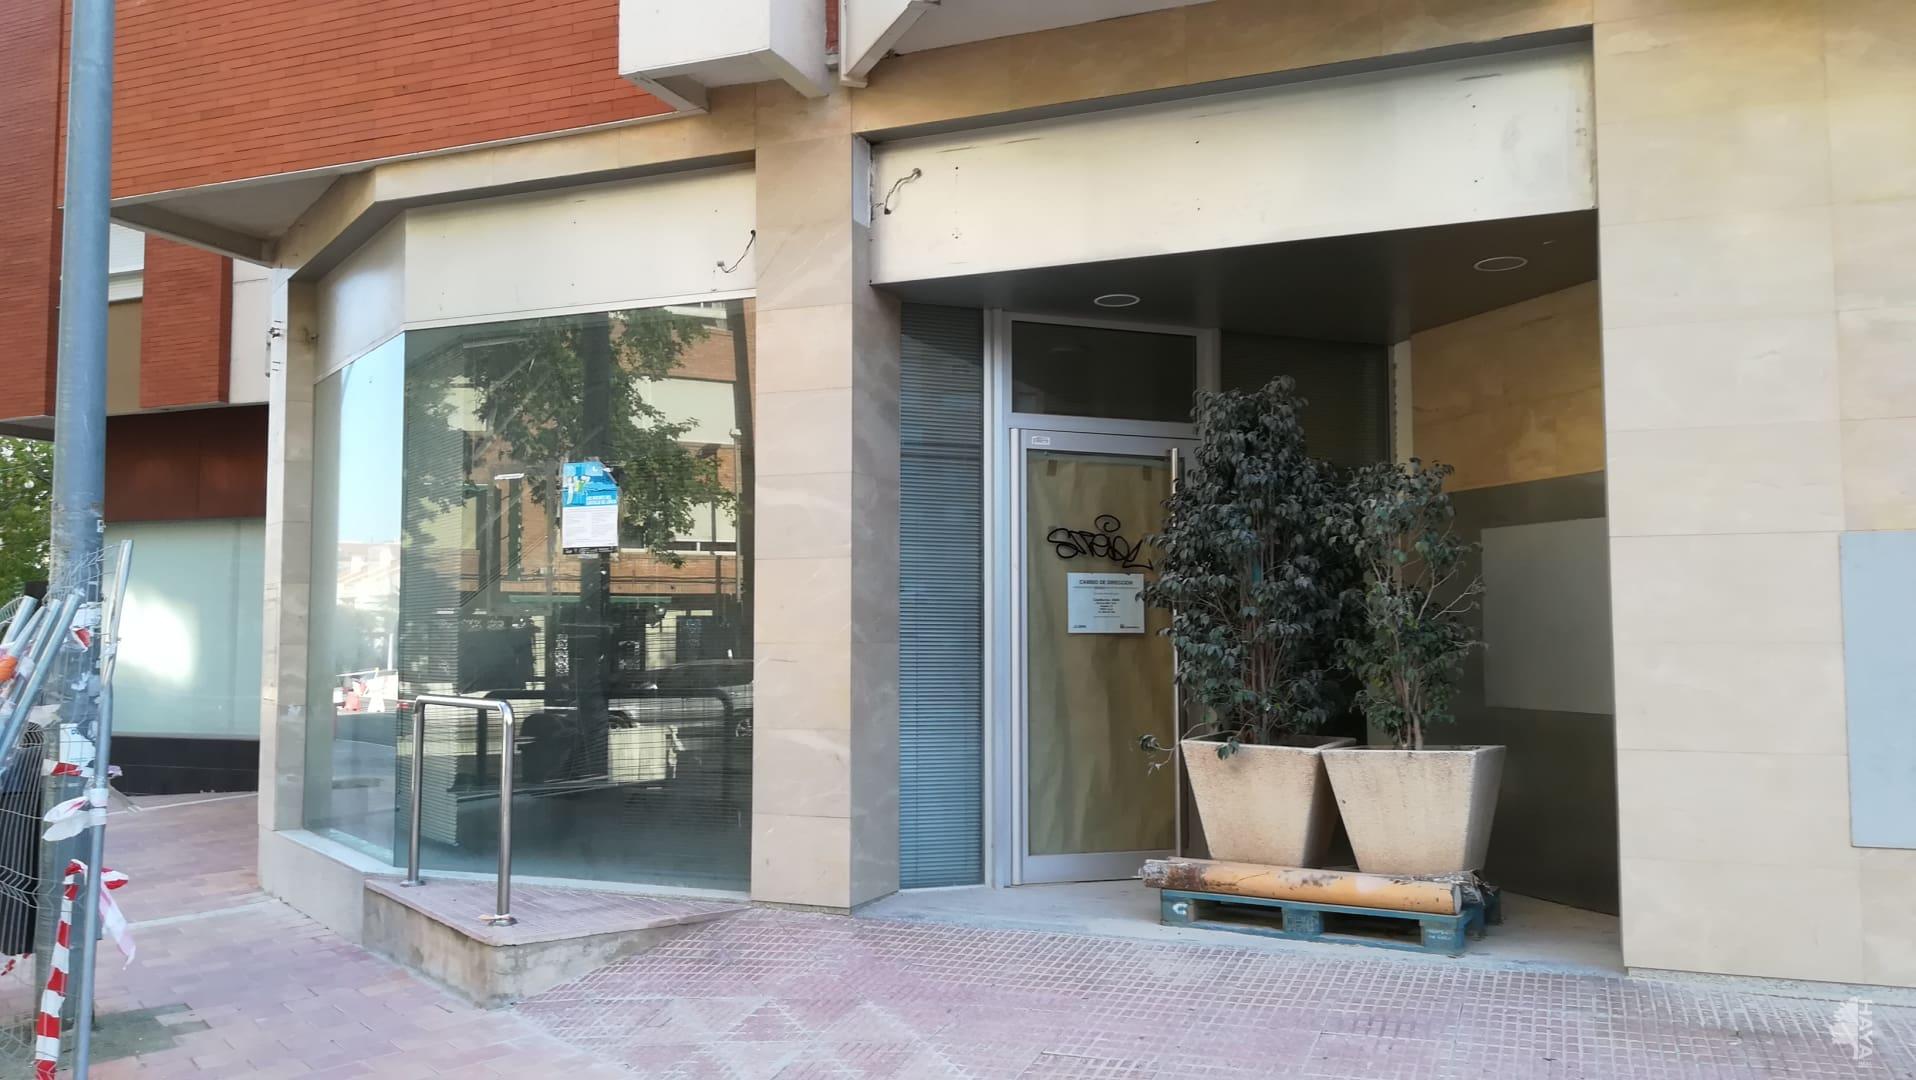 Local en venta en Lorca, Murcia, Avenida Cervantes, 260.700 €, 158 m2